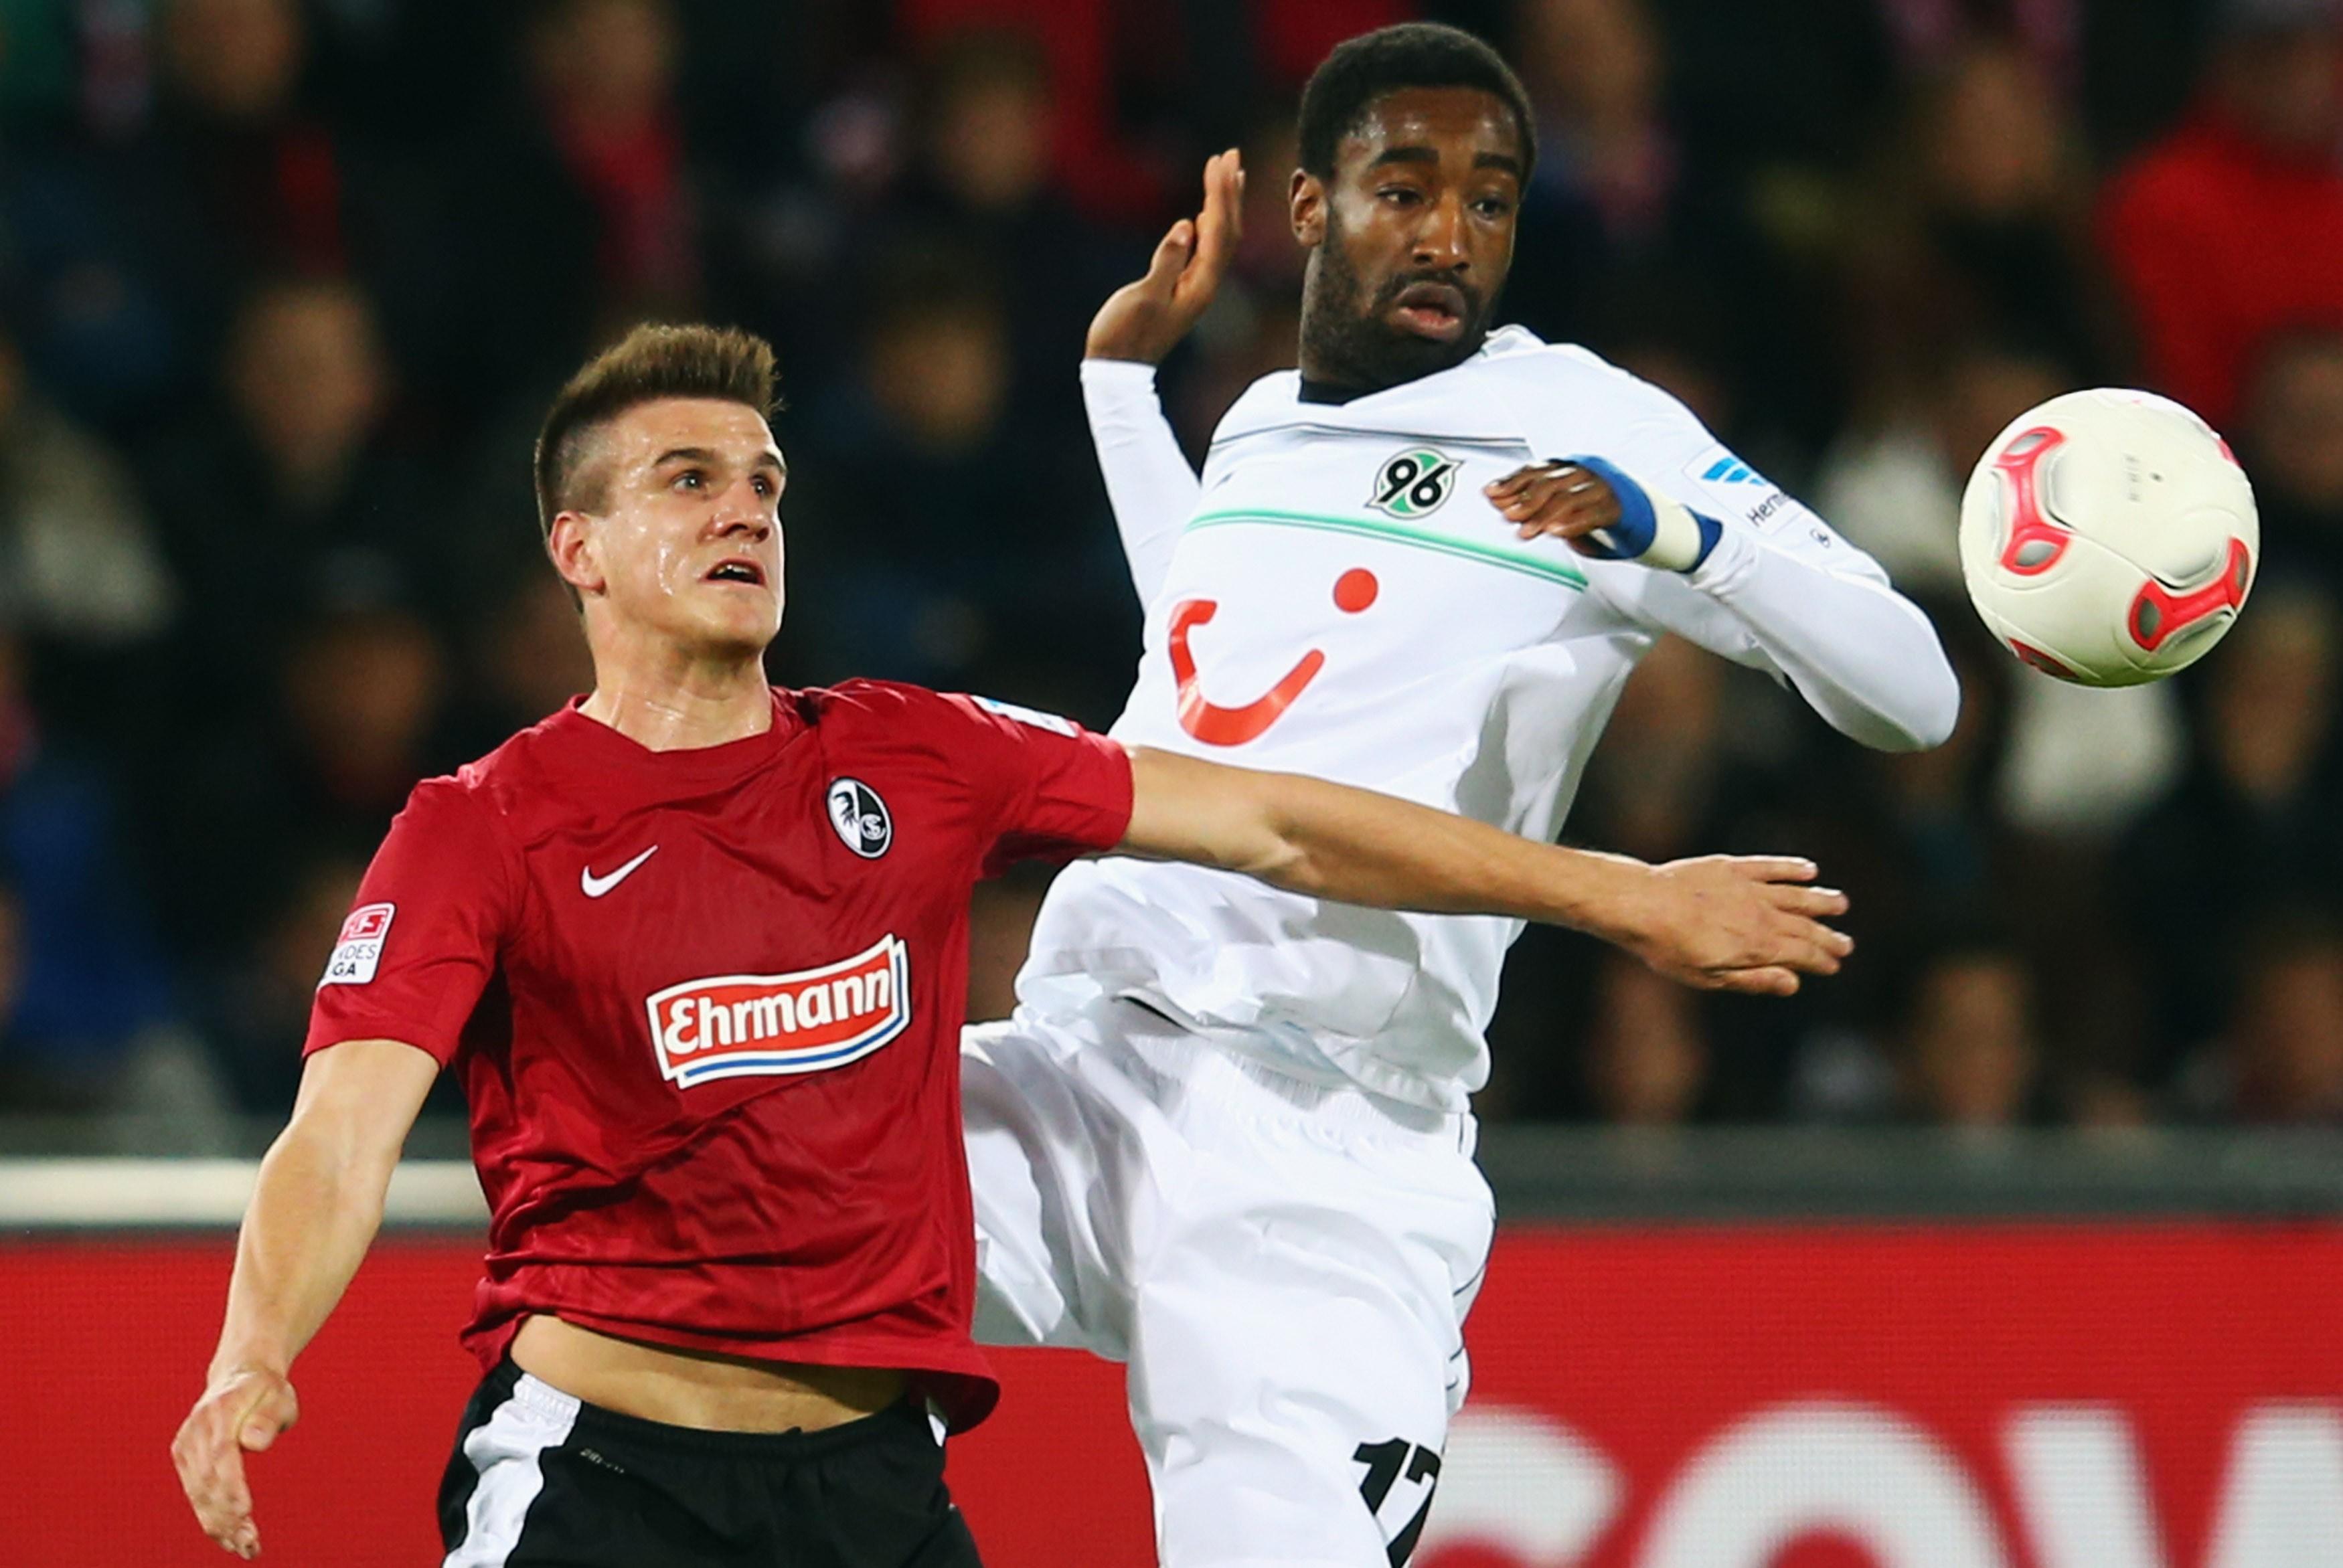 Johan Djourou (rechts) ist mit der Schweiz bei der WM dabei. Für 96 spielte er in der Rückrunde 2013.